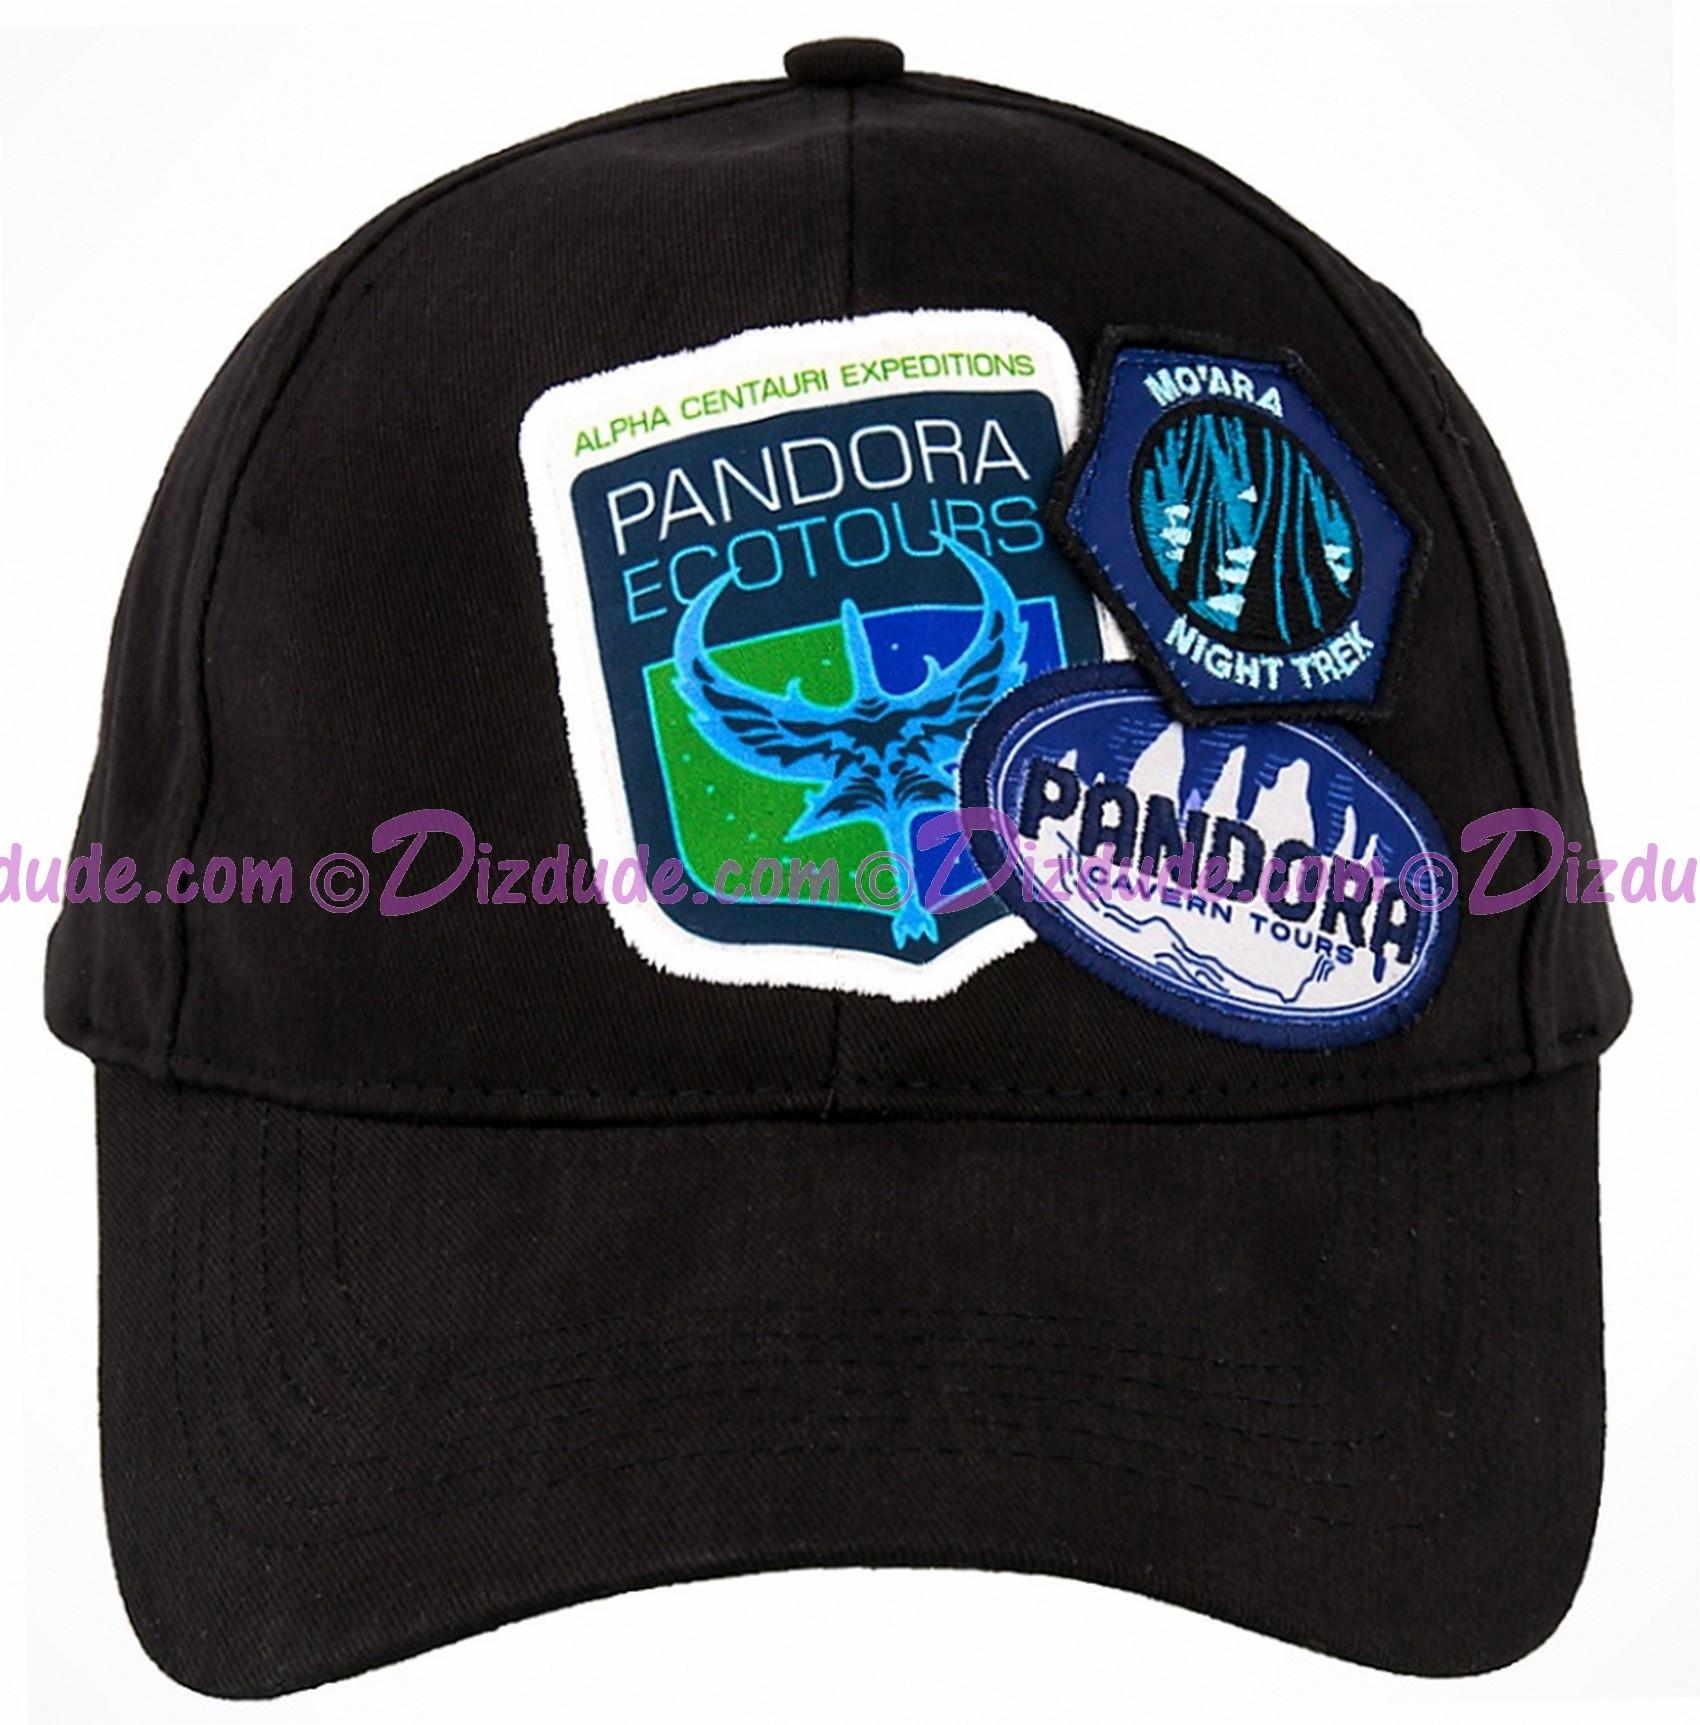 Avatar Explore The World Of Pandora Badges Baseball Hat - Disney Pandora – The World of Avatar © Dizdude.com